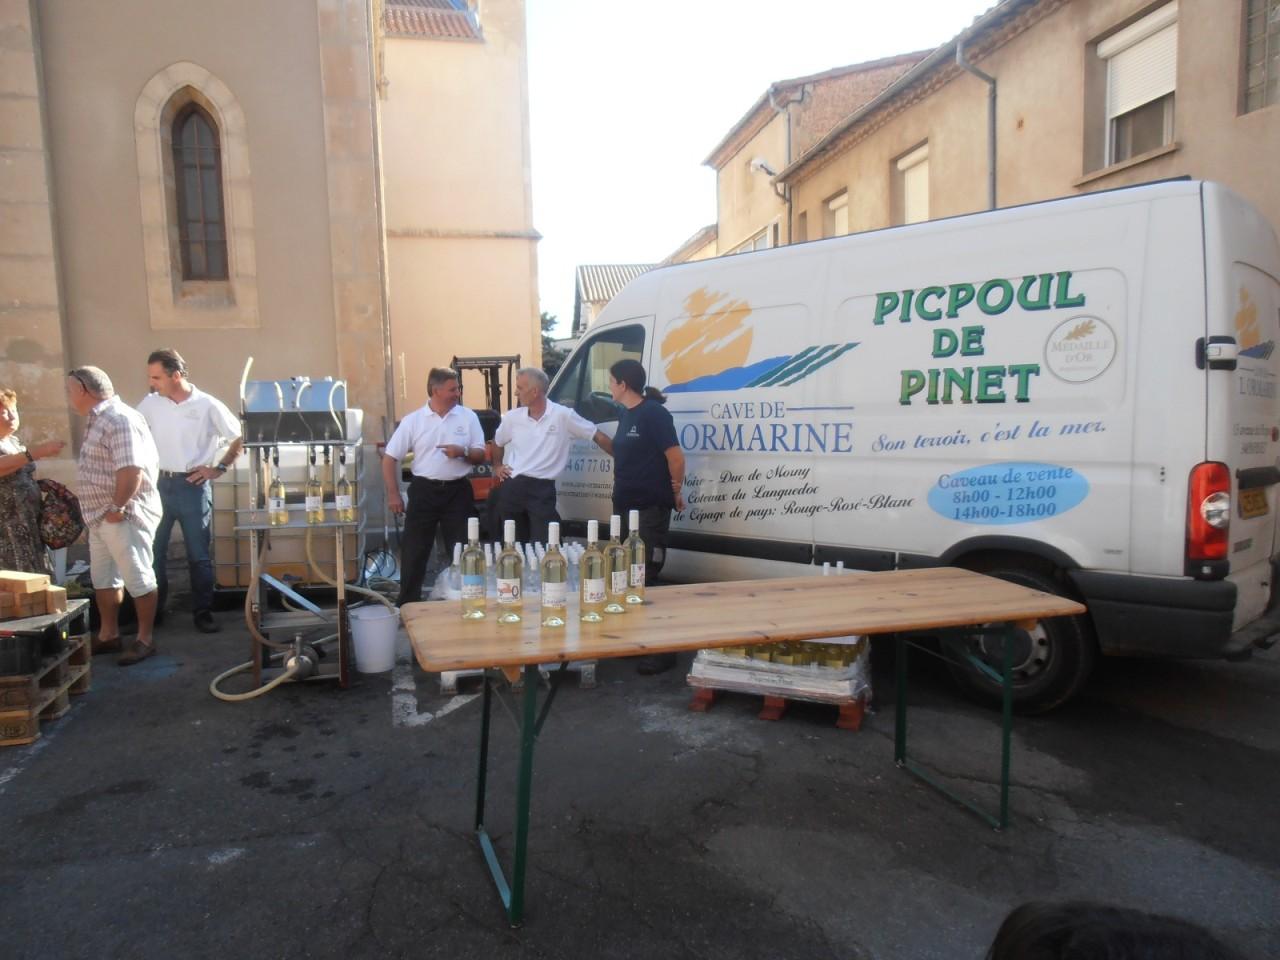 Vente de jus de raisin devant l'Eglise par la Cave de l'Ormarine ---- Cyril PAYON  (Directeur de la cave) et ses adjoints ---- 1 euro la bouteille 200 bouteilles vendues